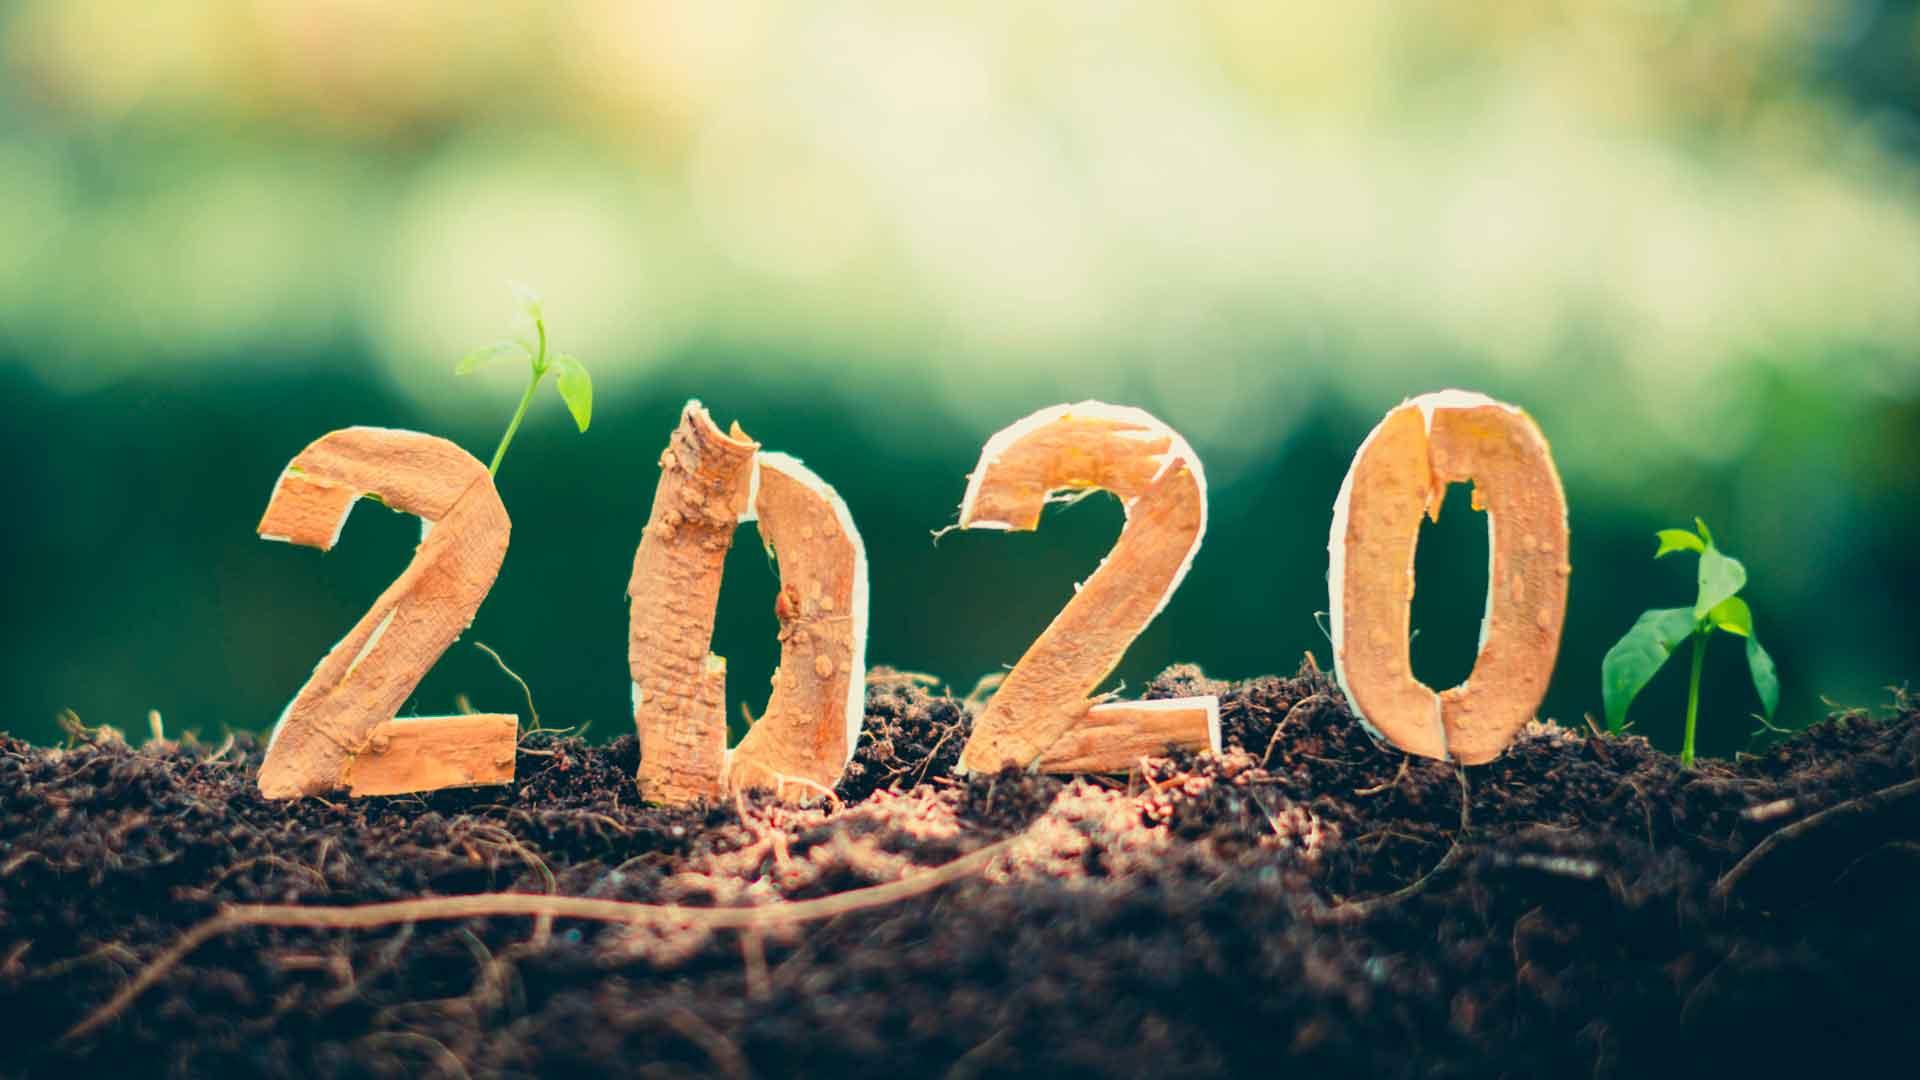 Artículos ecológicos: por un futuro con menos plástico